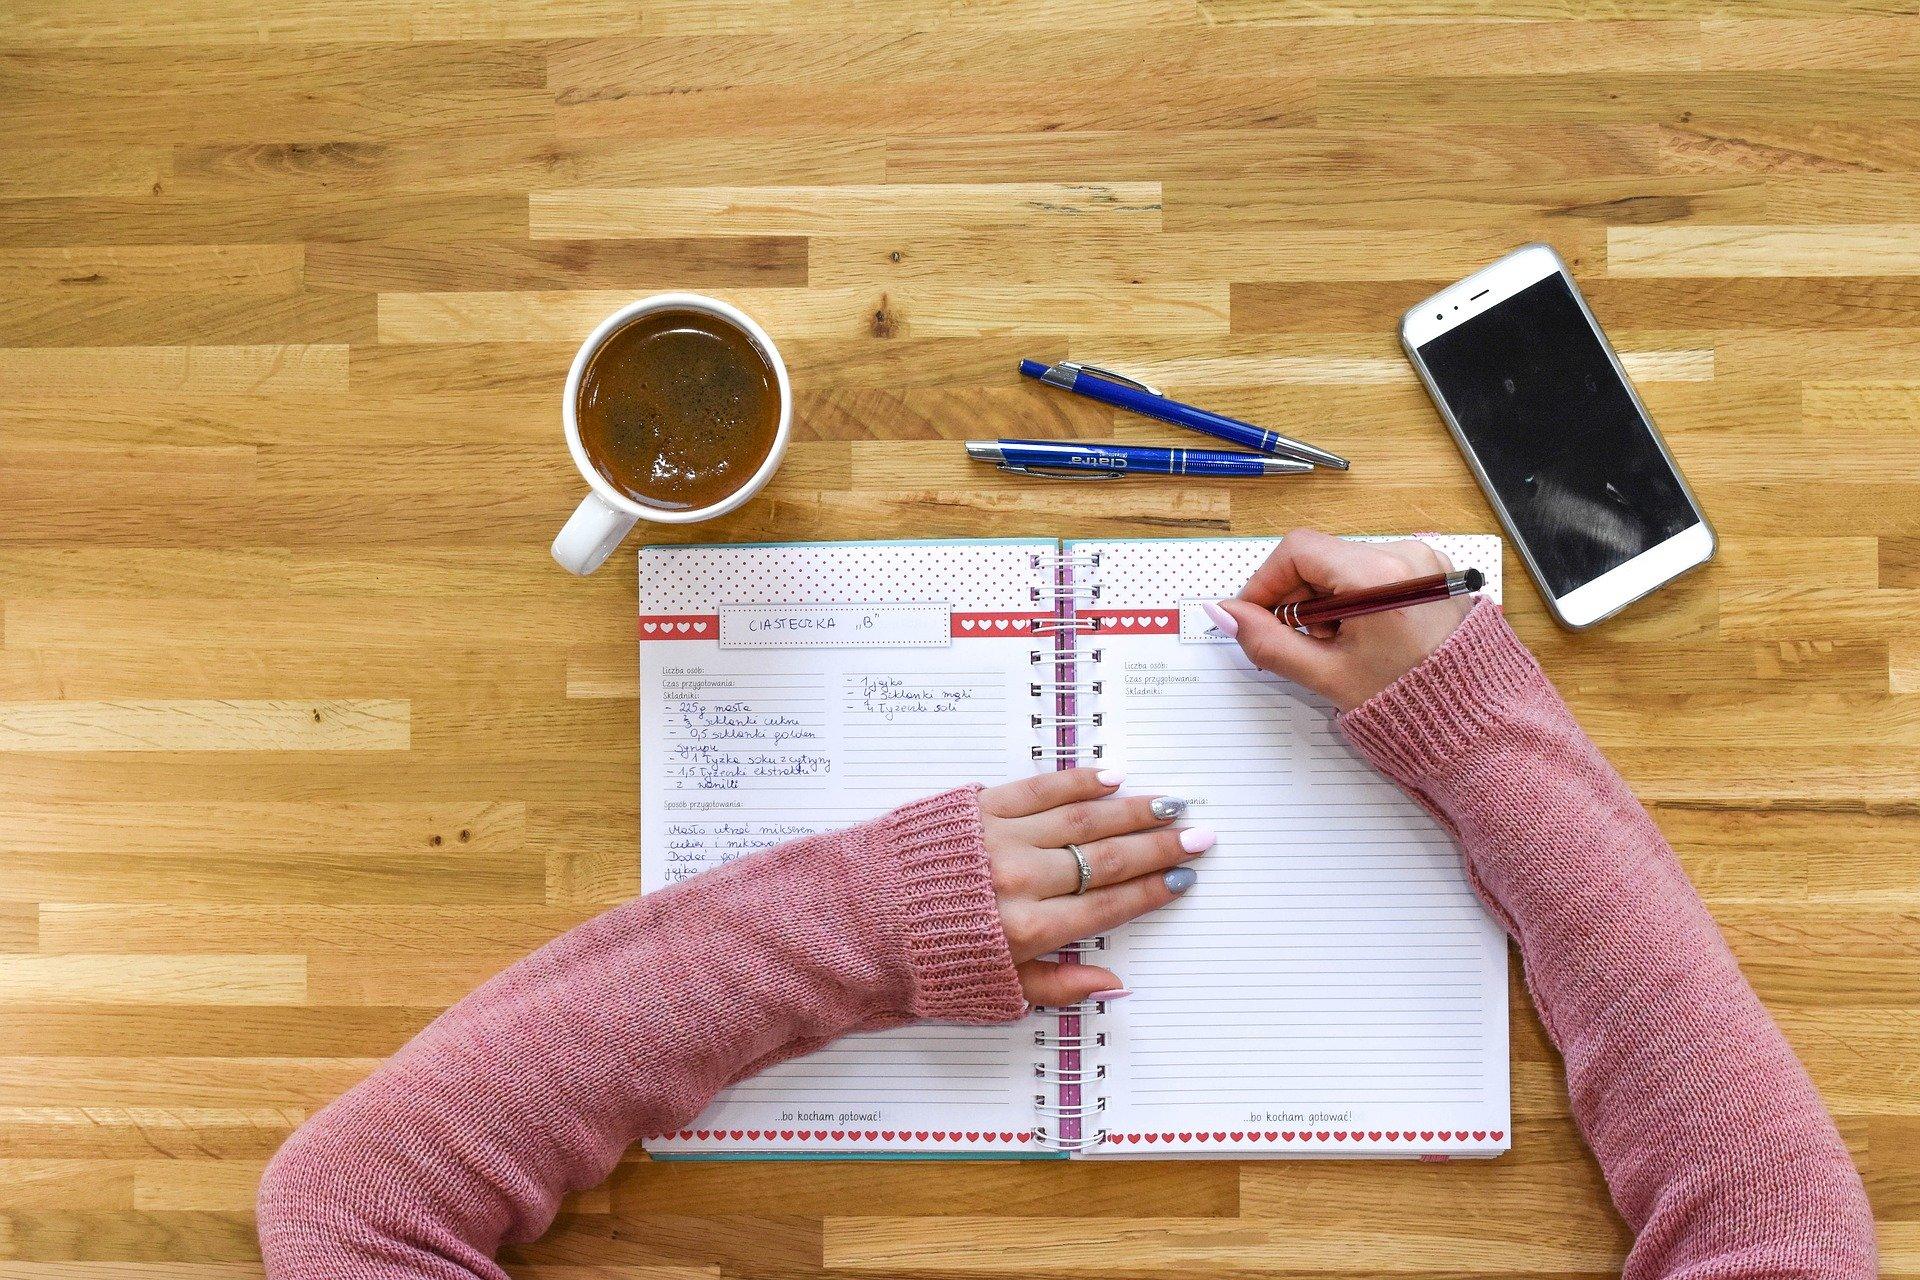 Ingin Menulis Lebih Mudah? Miliki Tools Berikut!